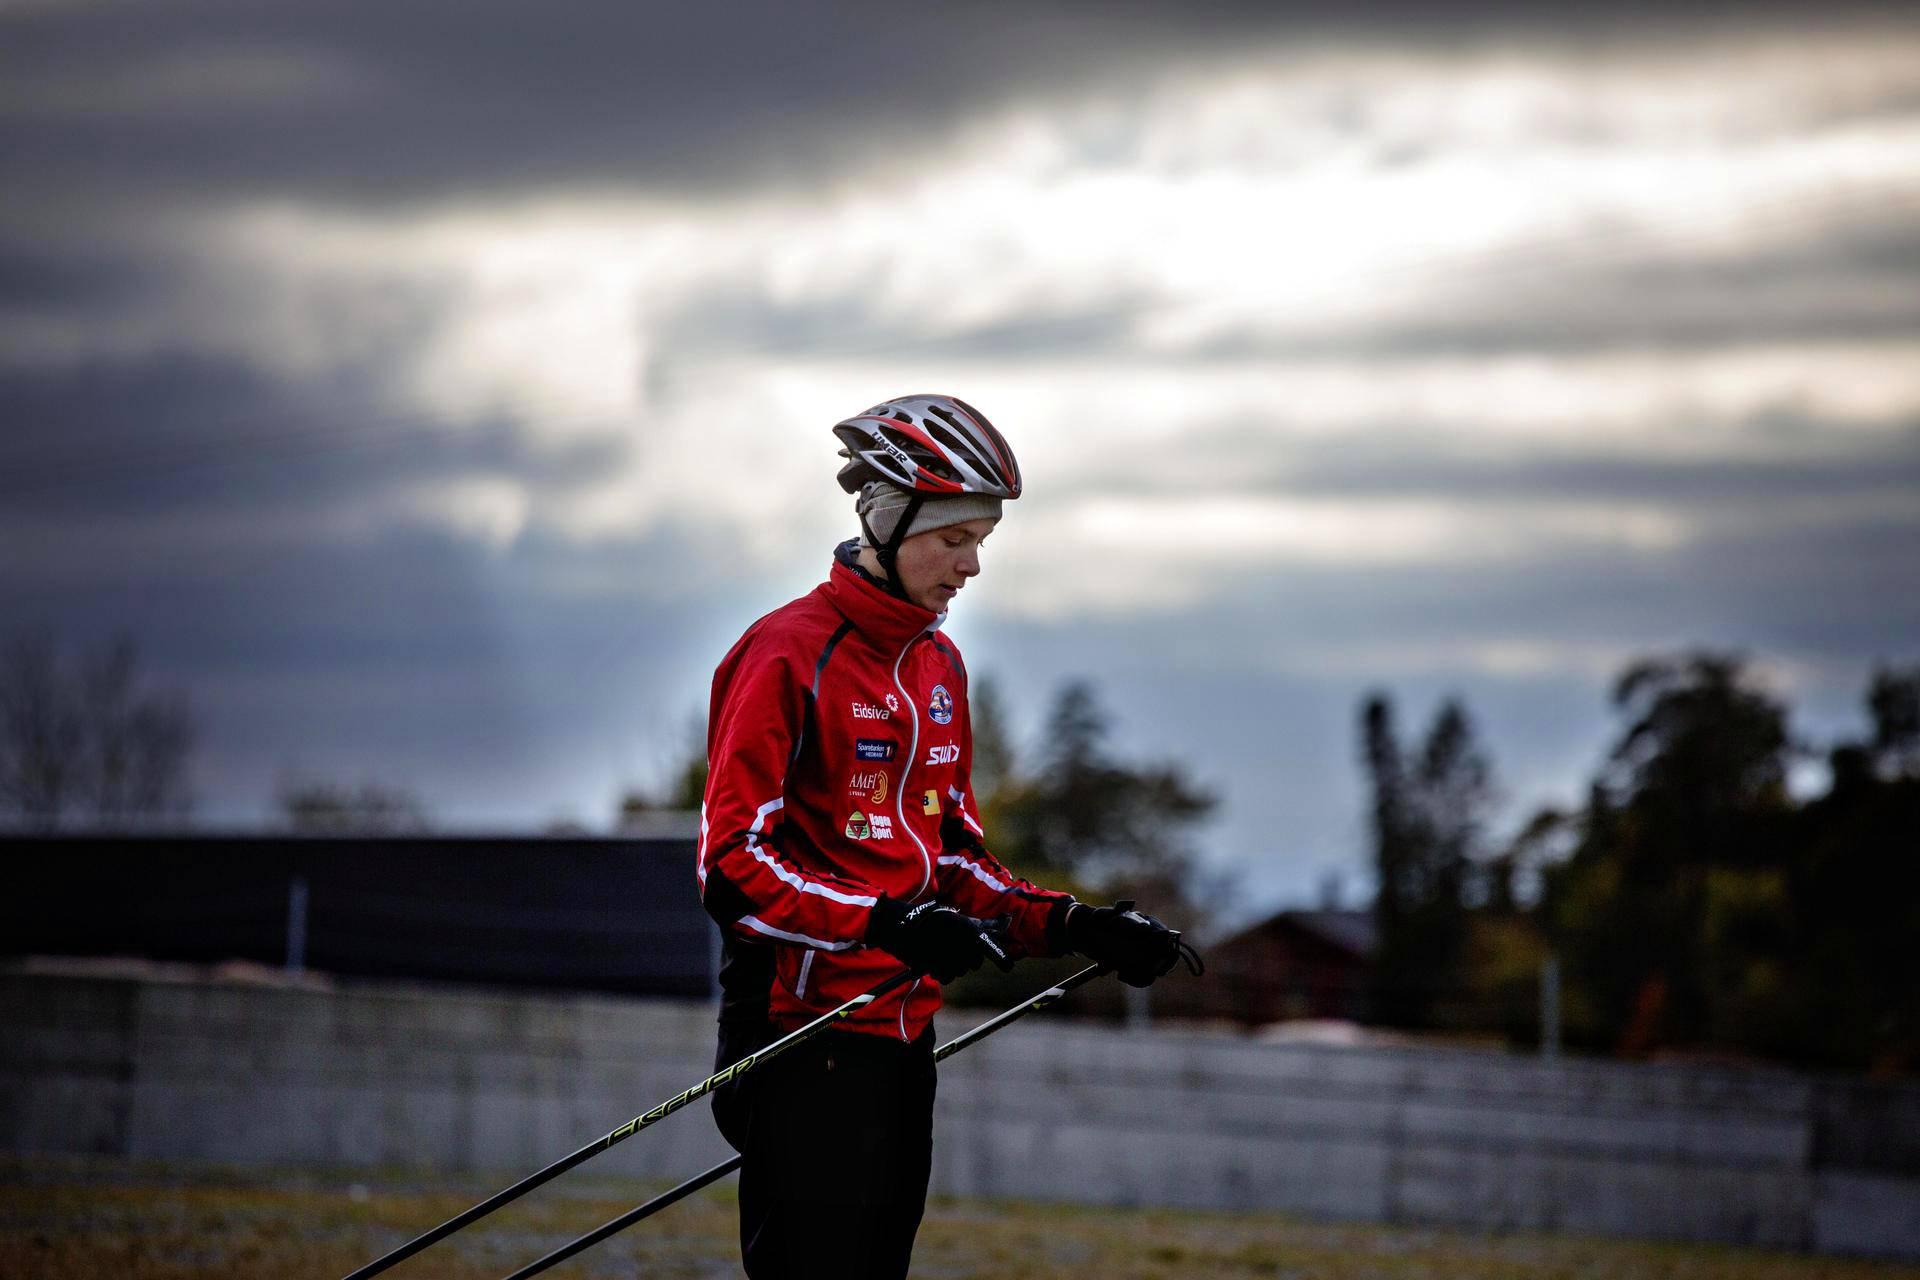 Tosissaan treenaava Audun Nordaas, 14, hiihti rullasuksilla Holmenkollenilla perjataina. Hän tuomitsee kaiken dopingin Norjan hiihdossa.